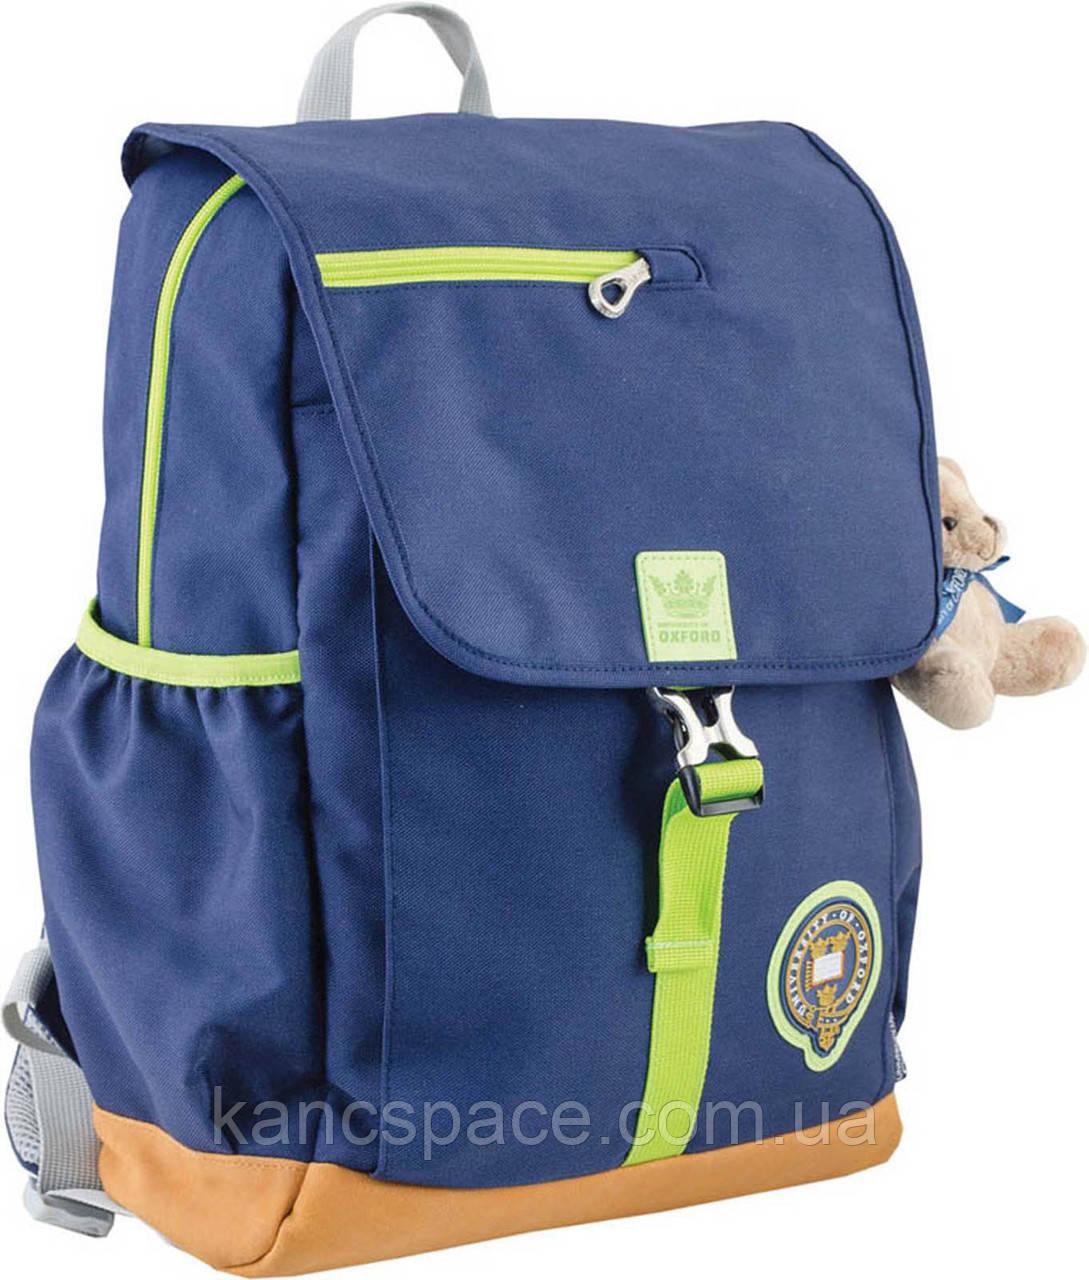 Рюкзак підлітковий OX 318, синiй, 26*35*13